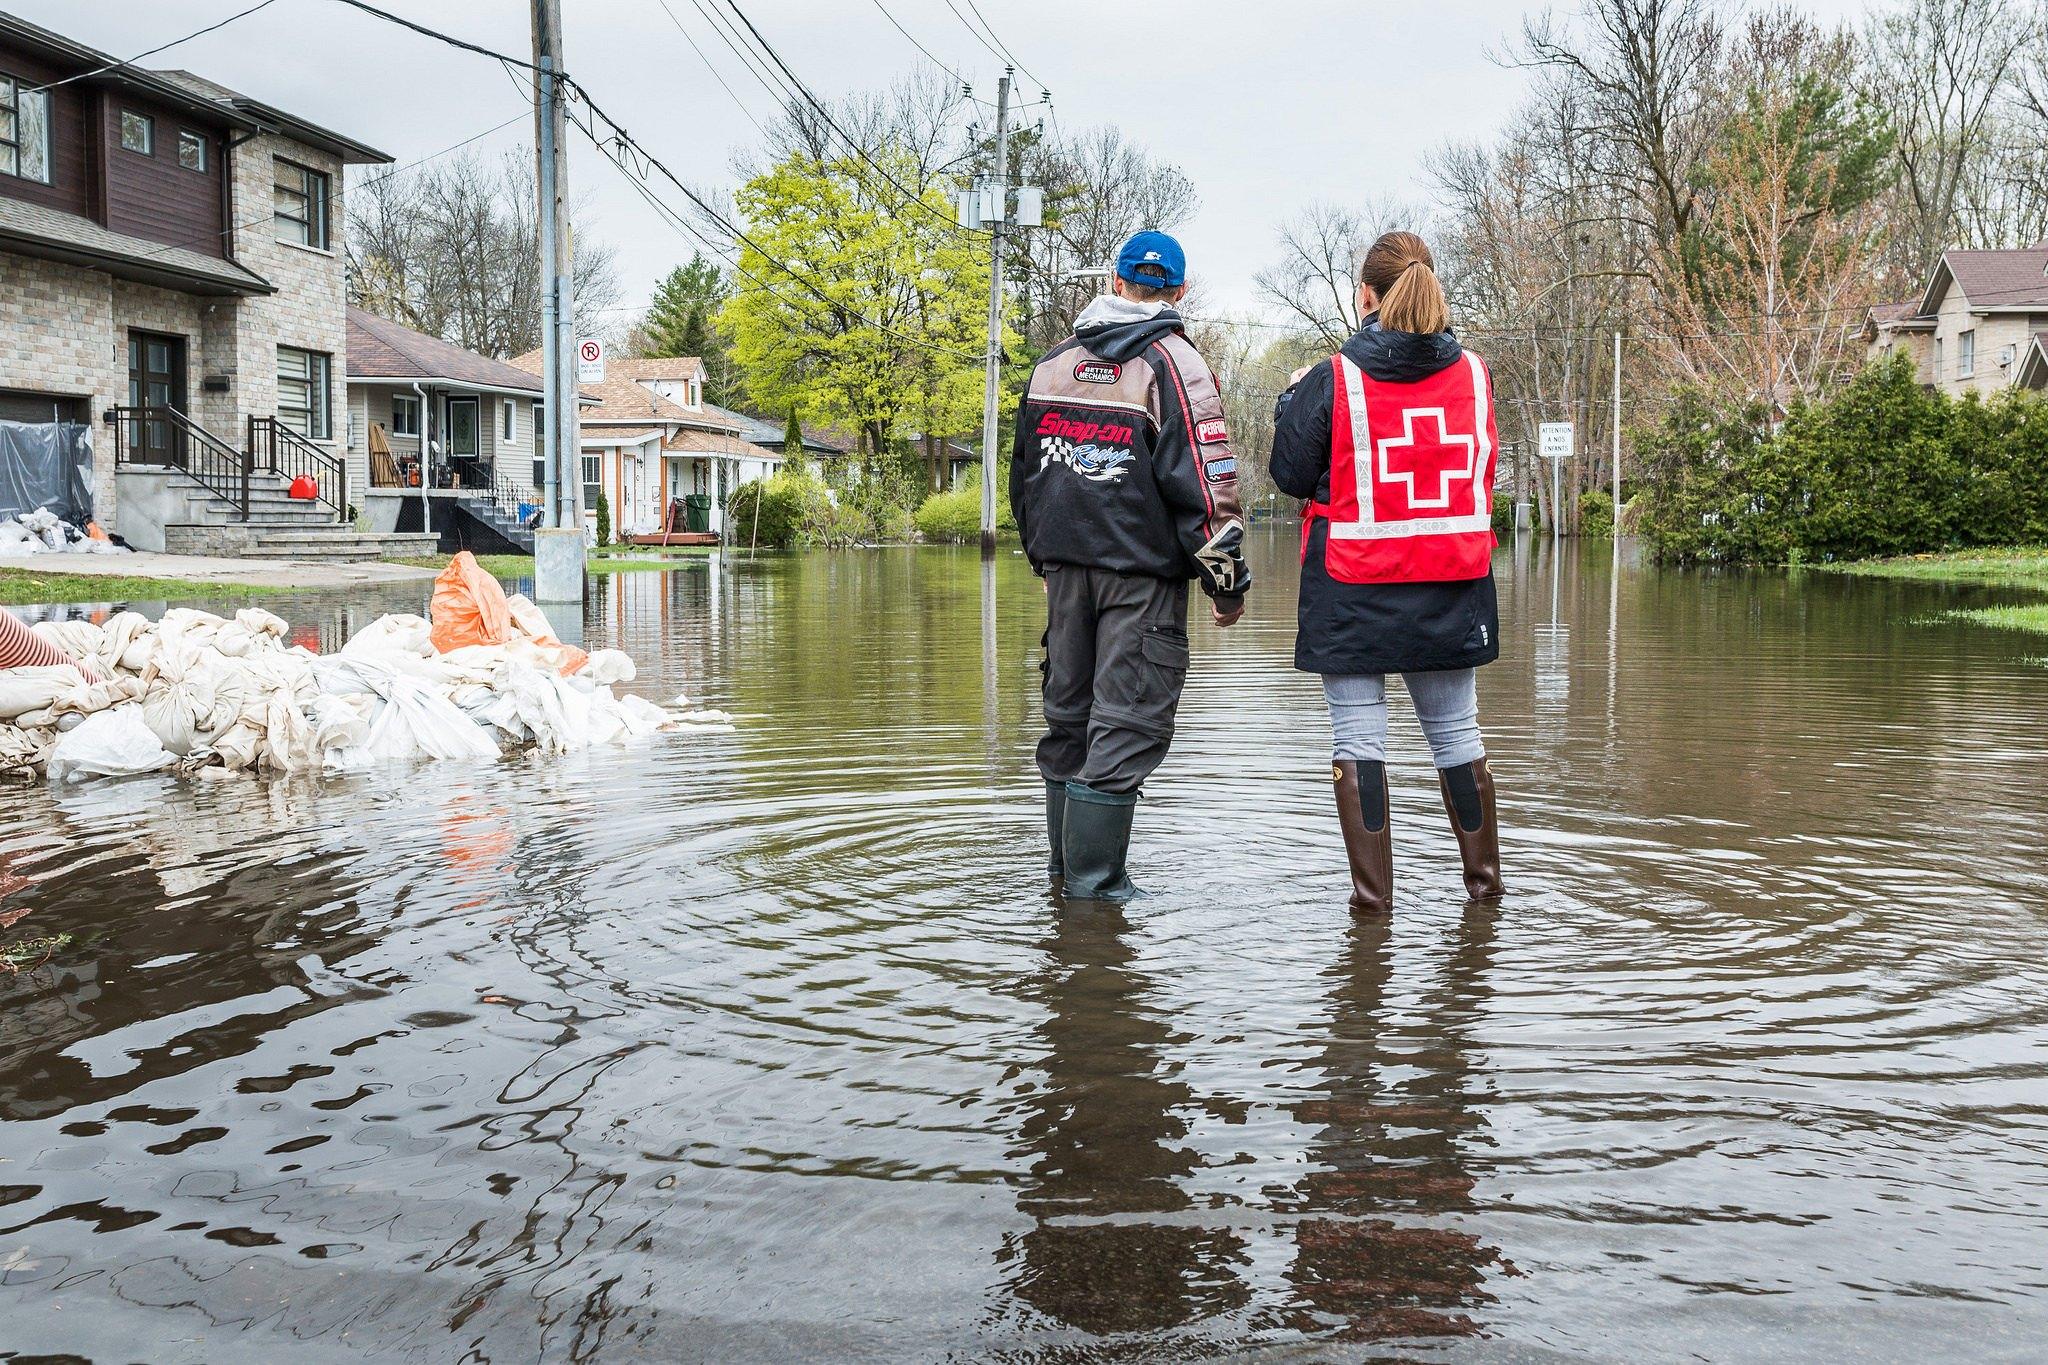 L'AREQ offre son soutien aux personnes sinistrées des inondations